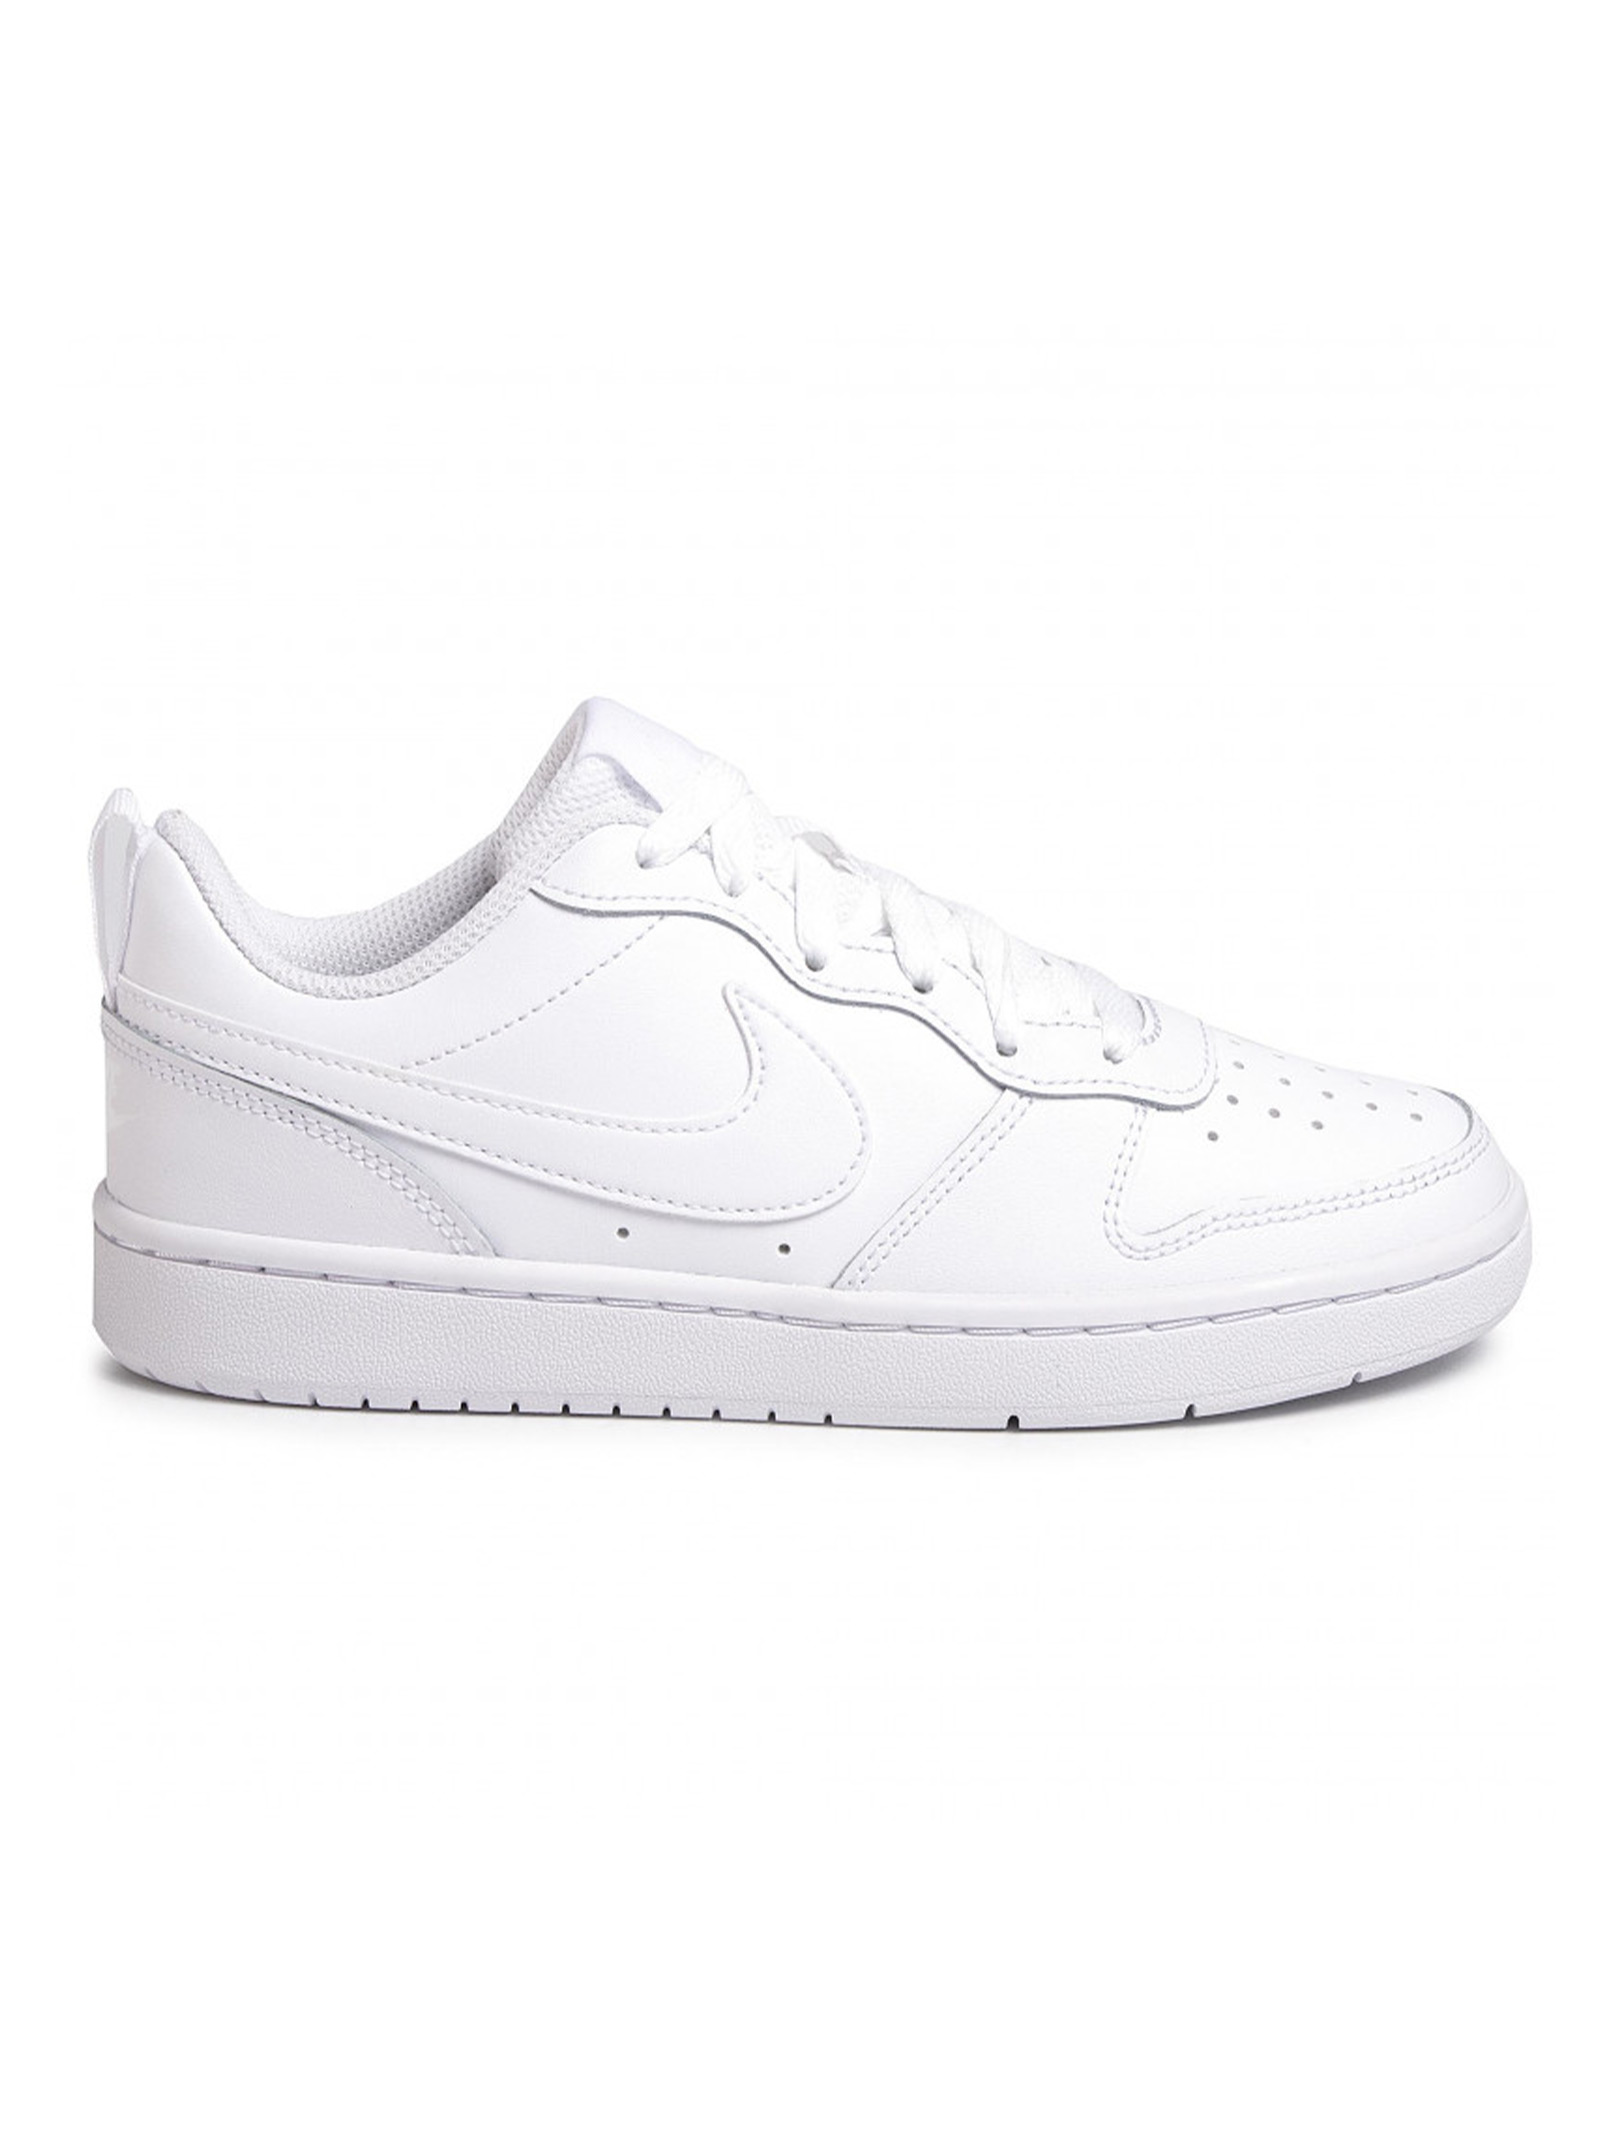 Air Force 1 Nike | BQ5448100